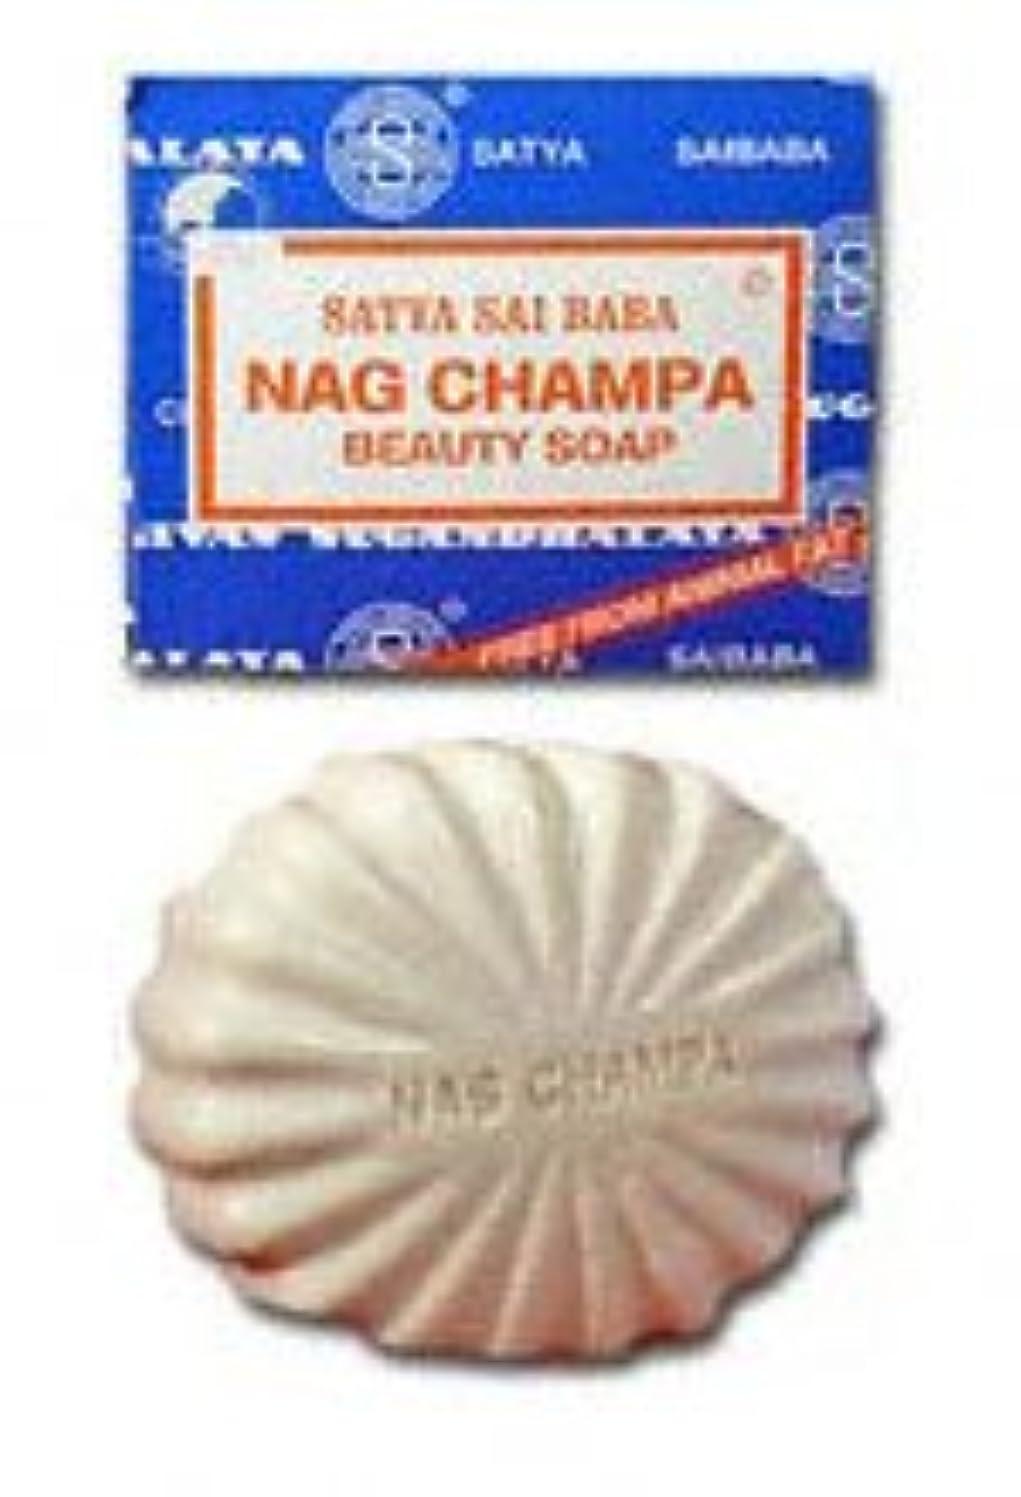 郵便屋さん誇張印象派Nag Champa Beauty Soapボックス